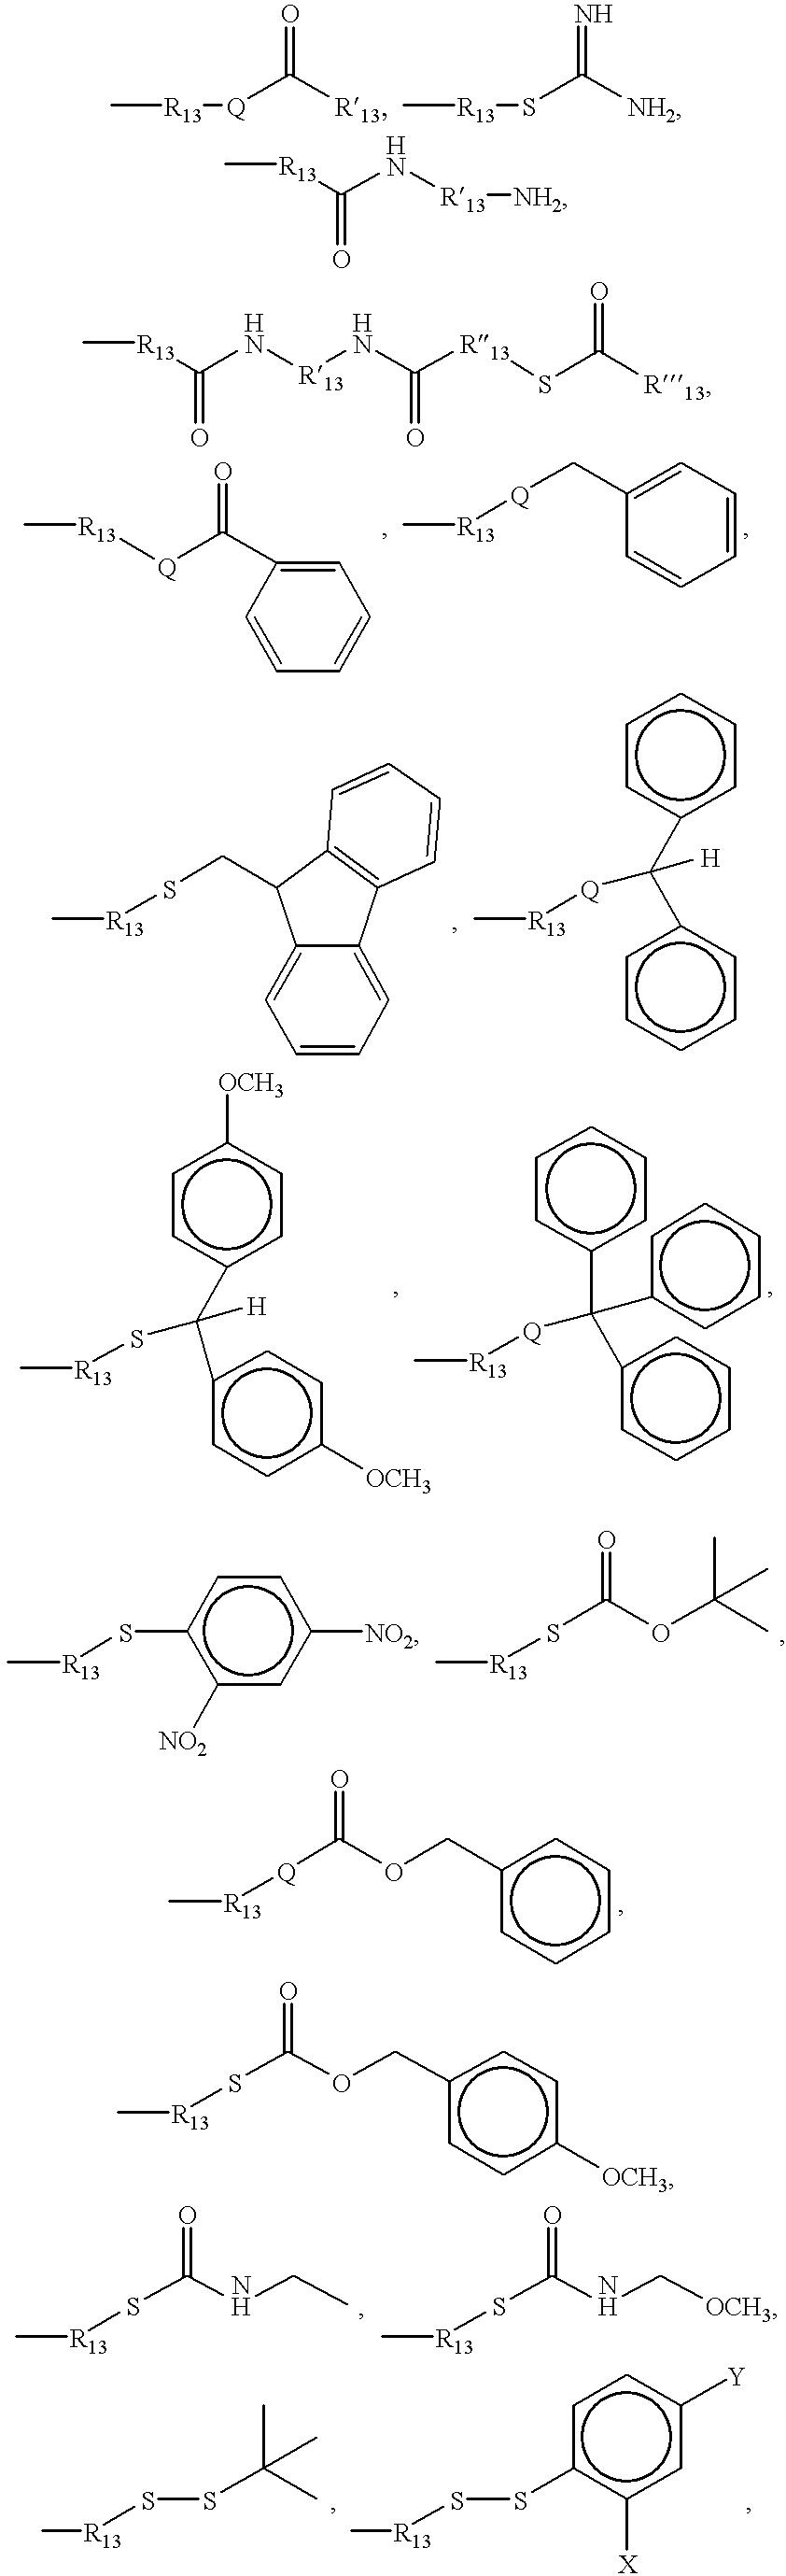 Figure US06437141-20020820-C00004